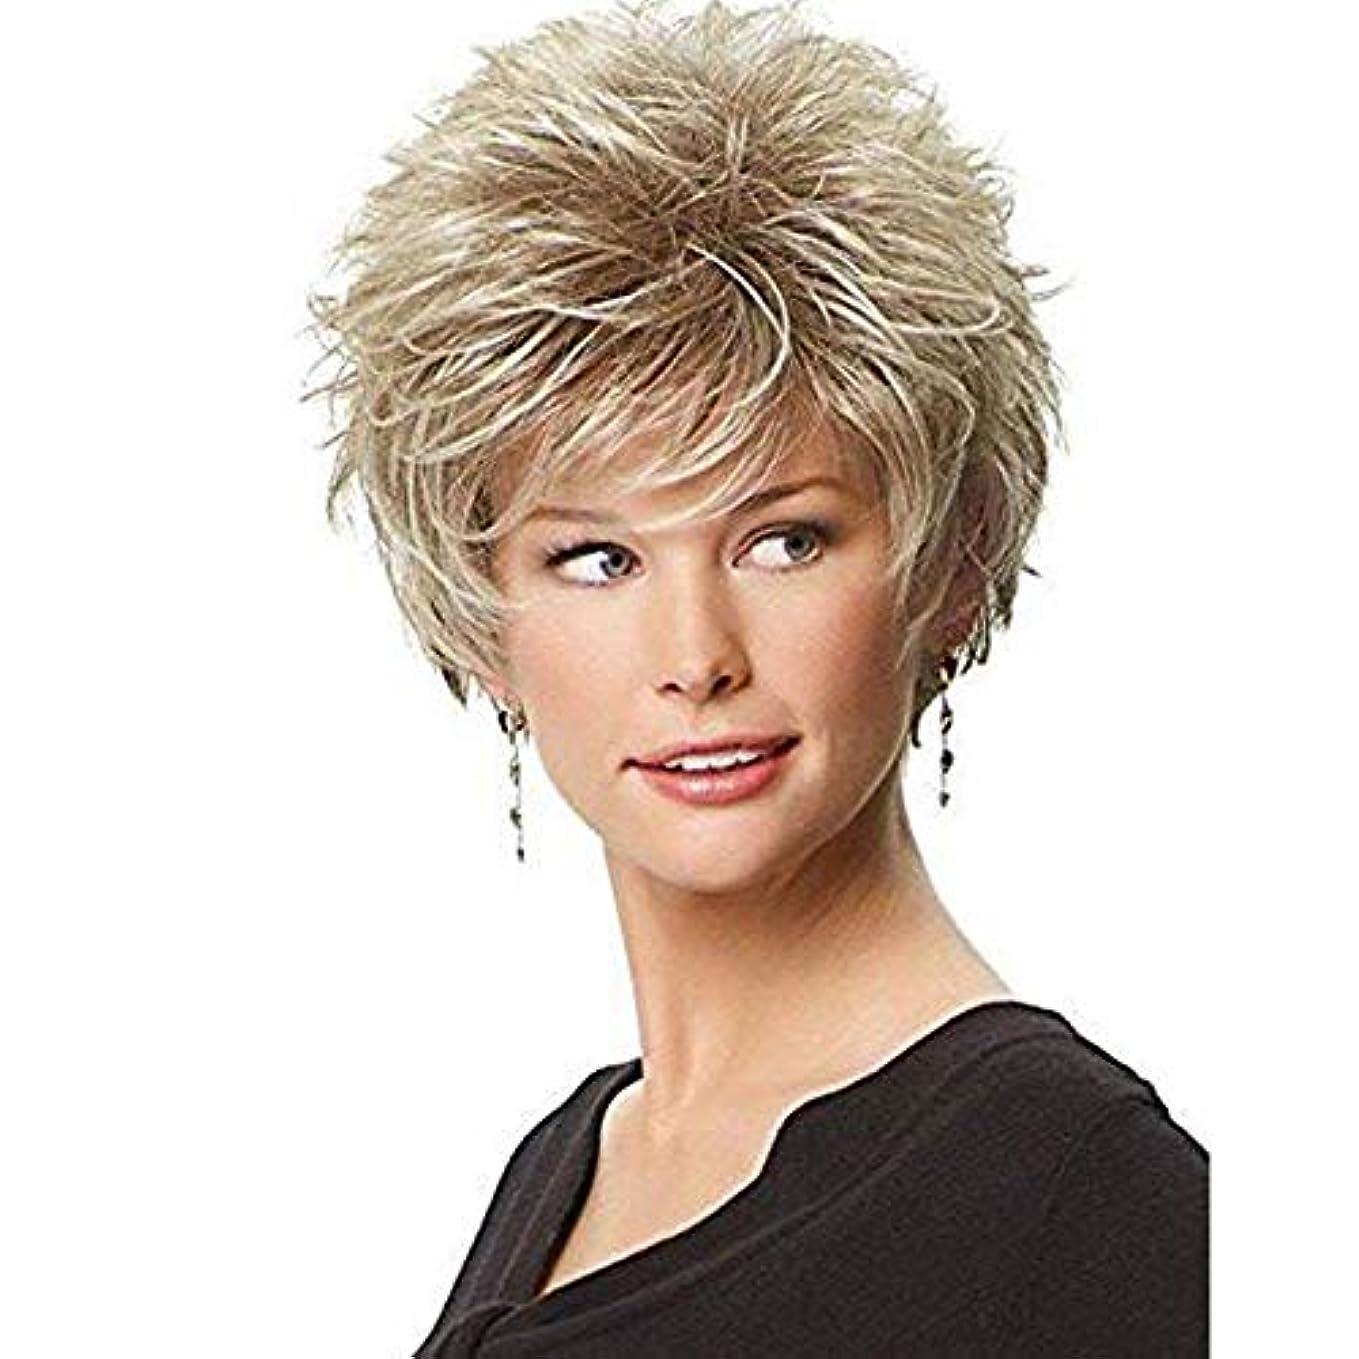 マニア先失礼YOUQIU 女性のかつらのための自由なキャップ付ブロンドのかつらファッションヘアスタイリングふわふわショートカーリーヘアウィッグ (色 : Blonde)